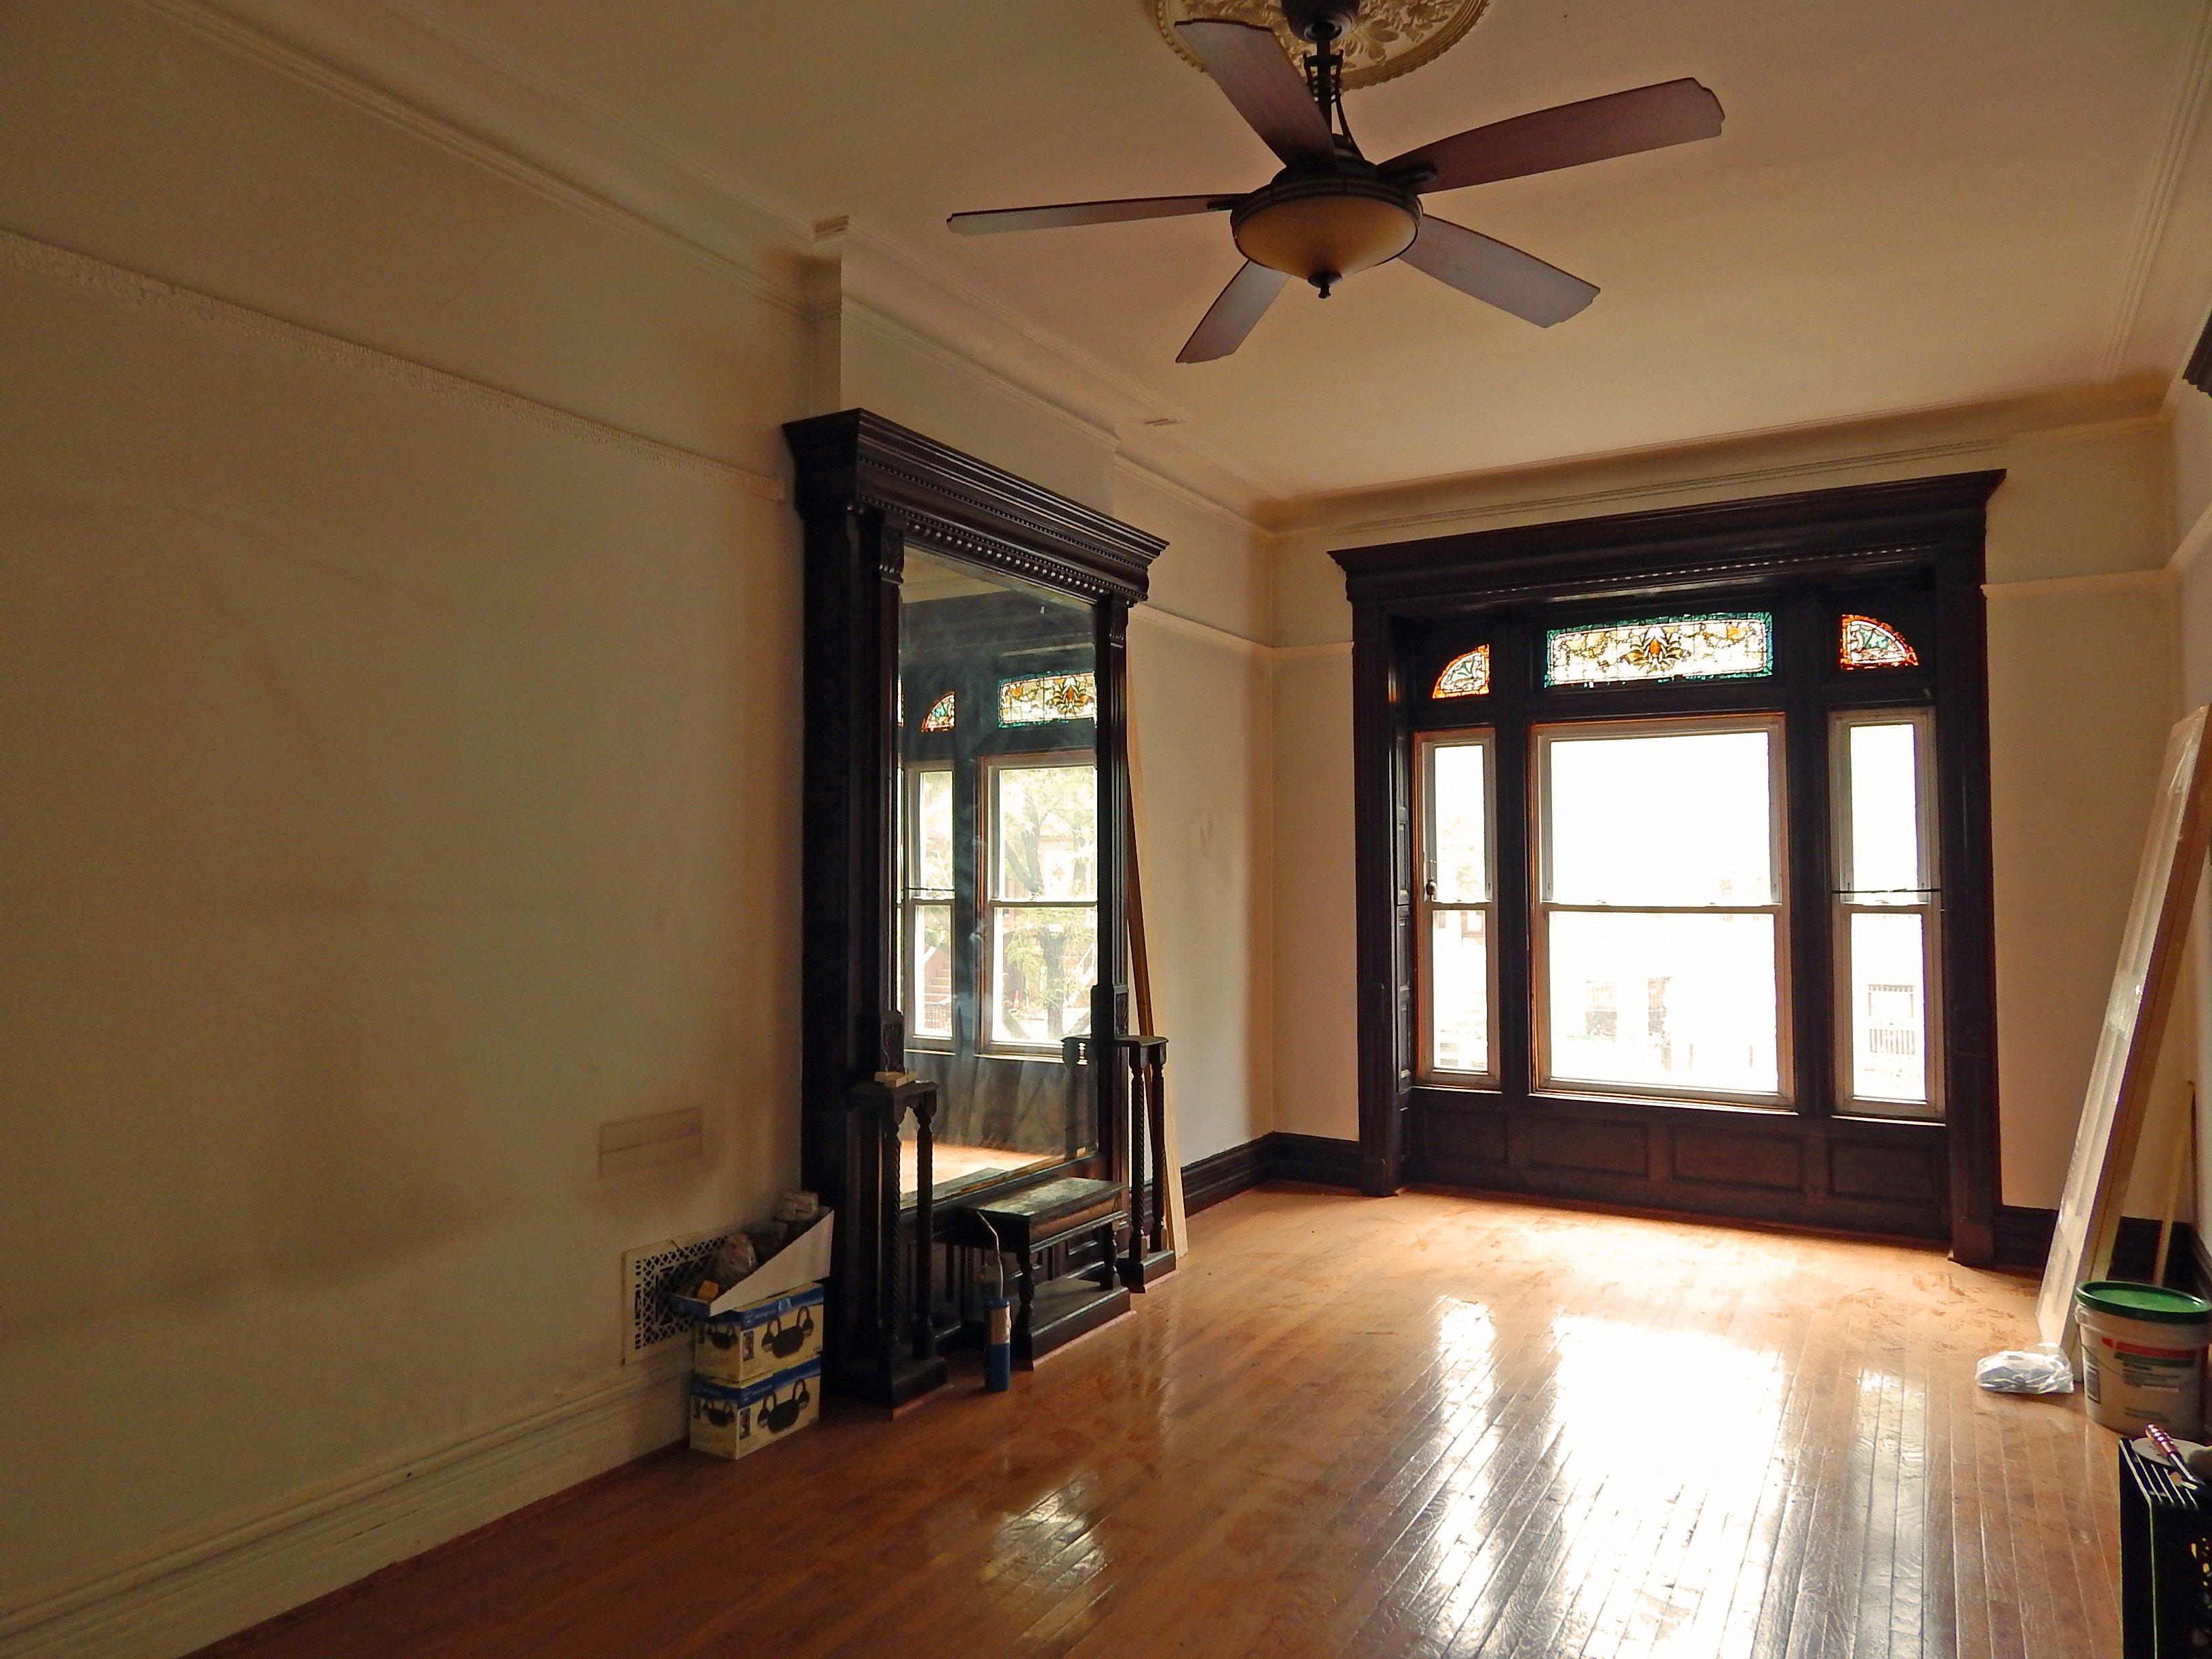 Bergen St 2BR Duplex Apt For Rent In Crown Heights Brooklyn CRG3125